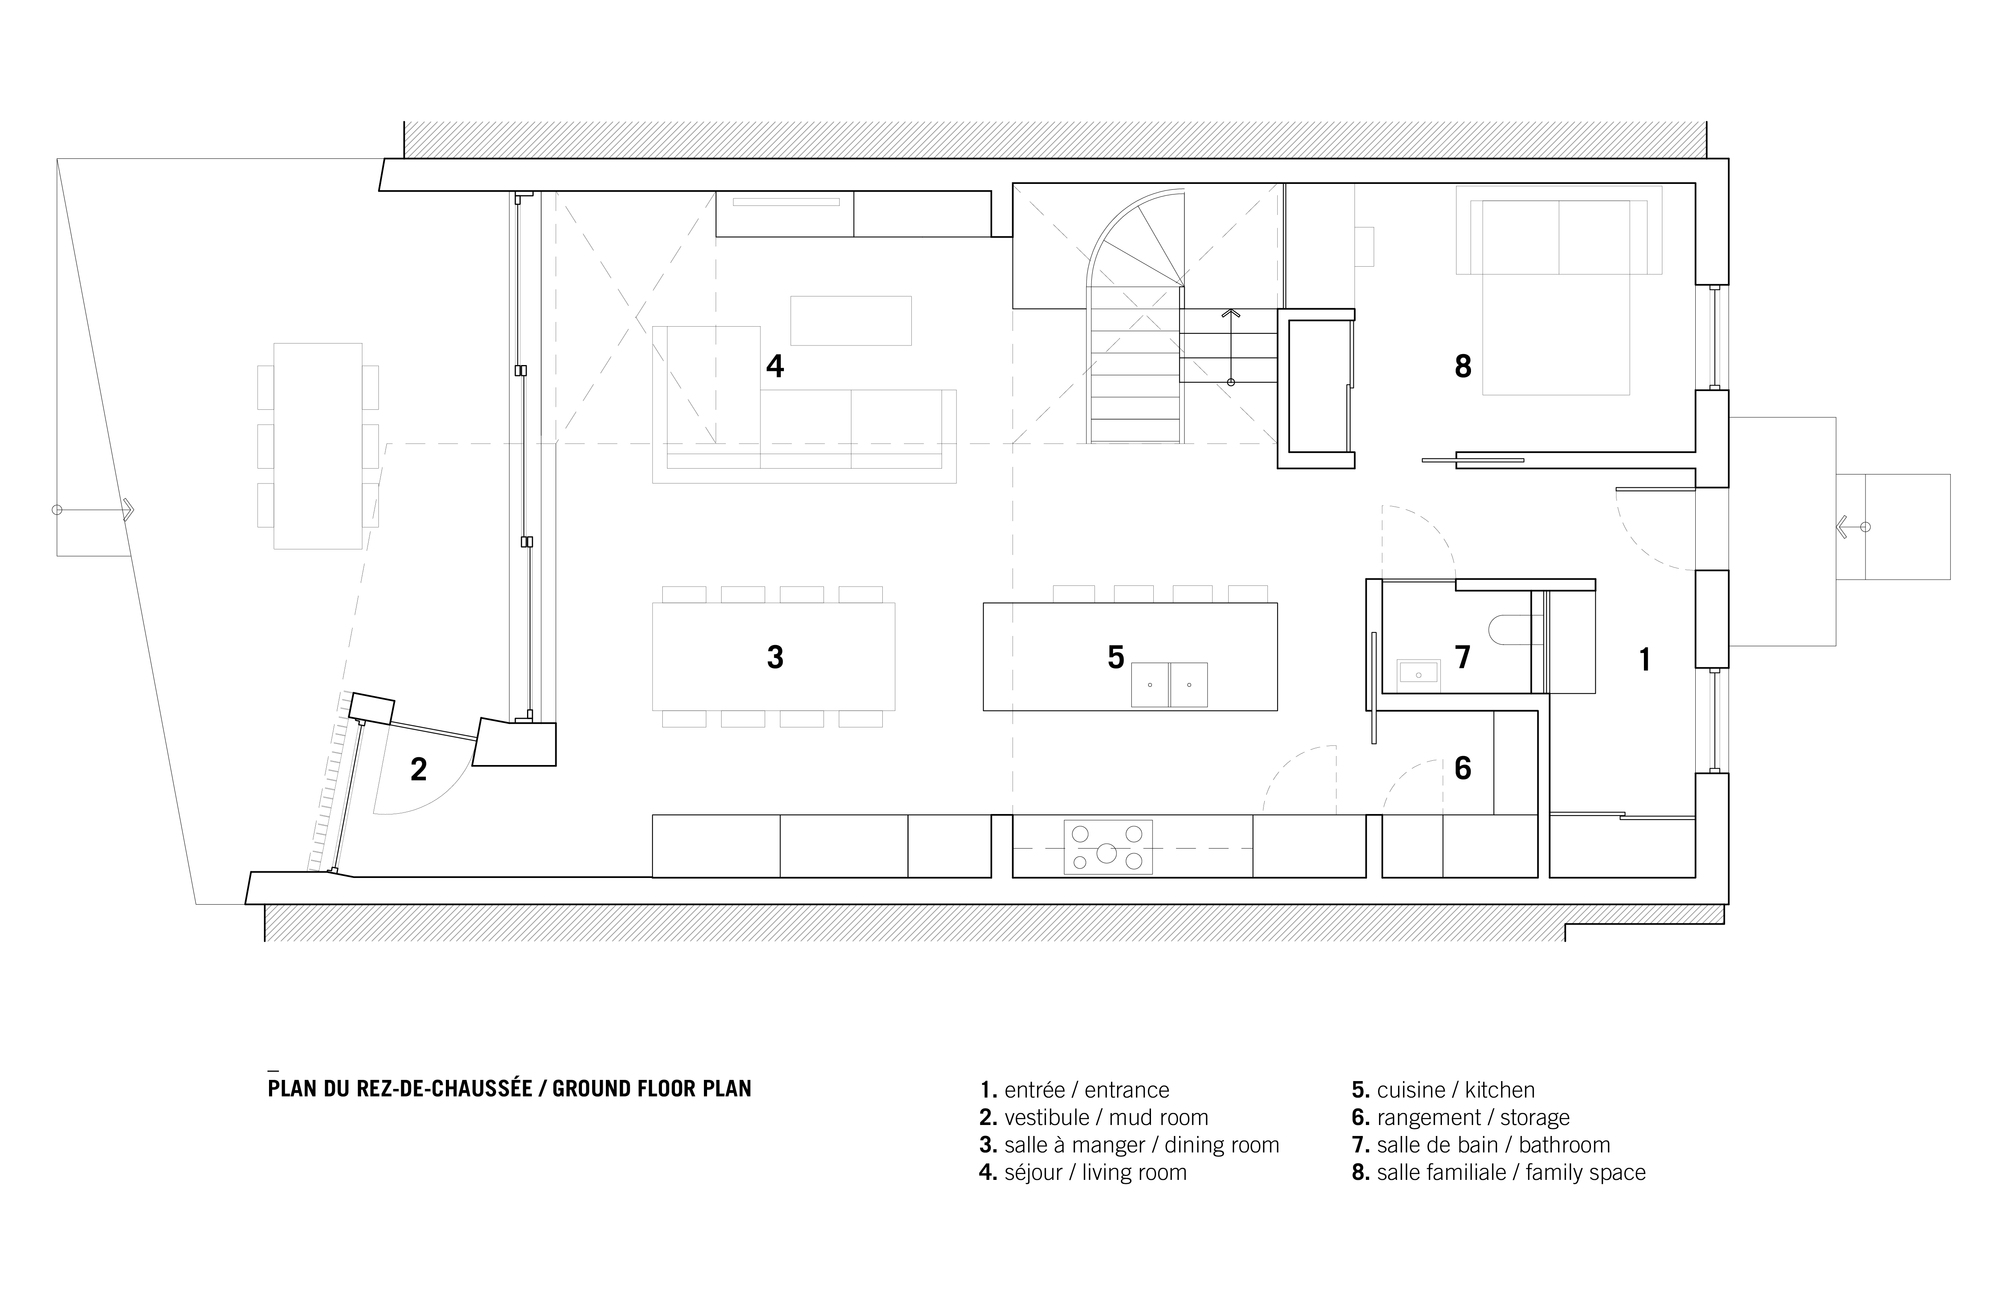 De La Roche Residence / NatureHumaine. Ground Floor Plan